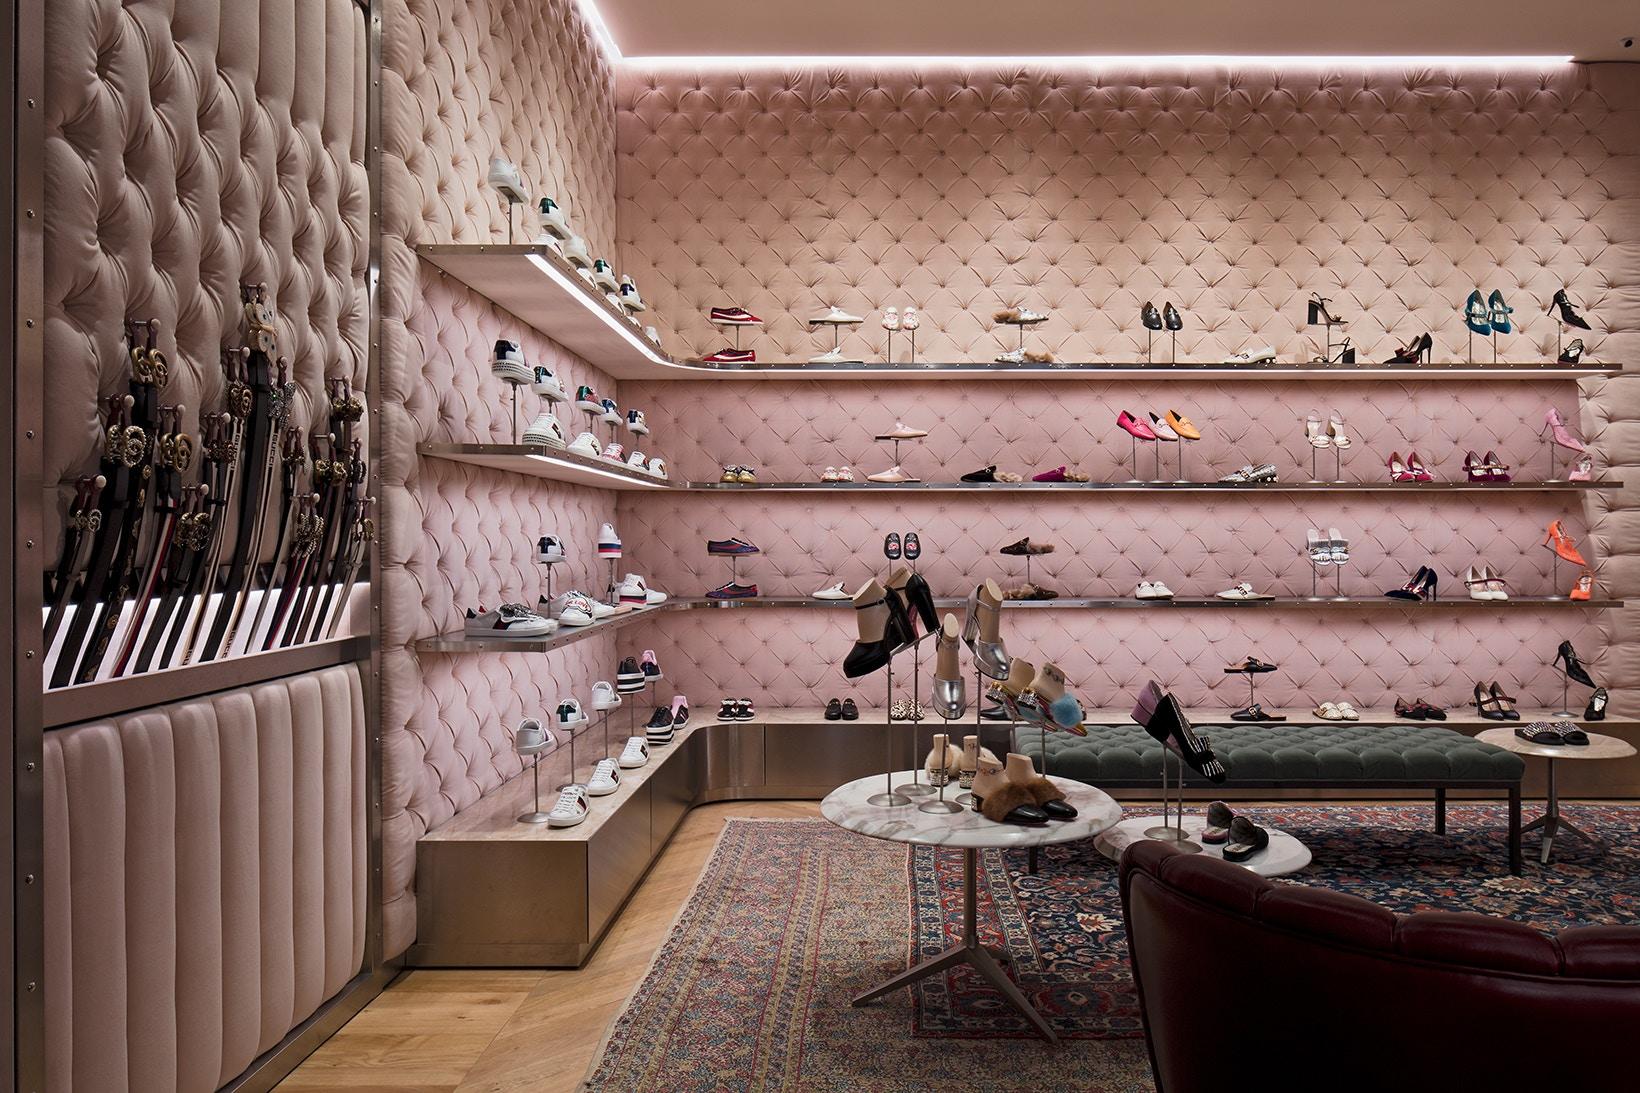 gucci-miami-design-district-store-12.jpg